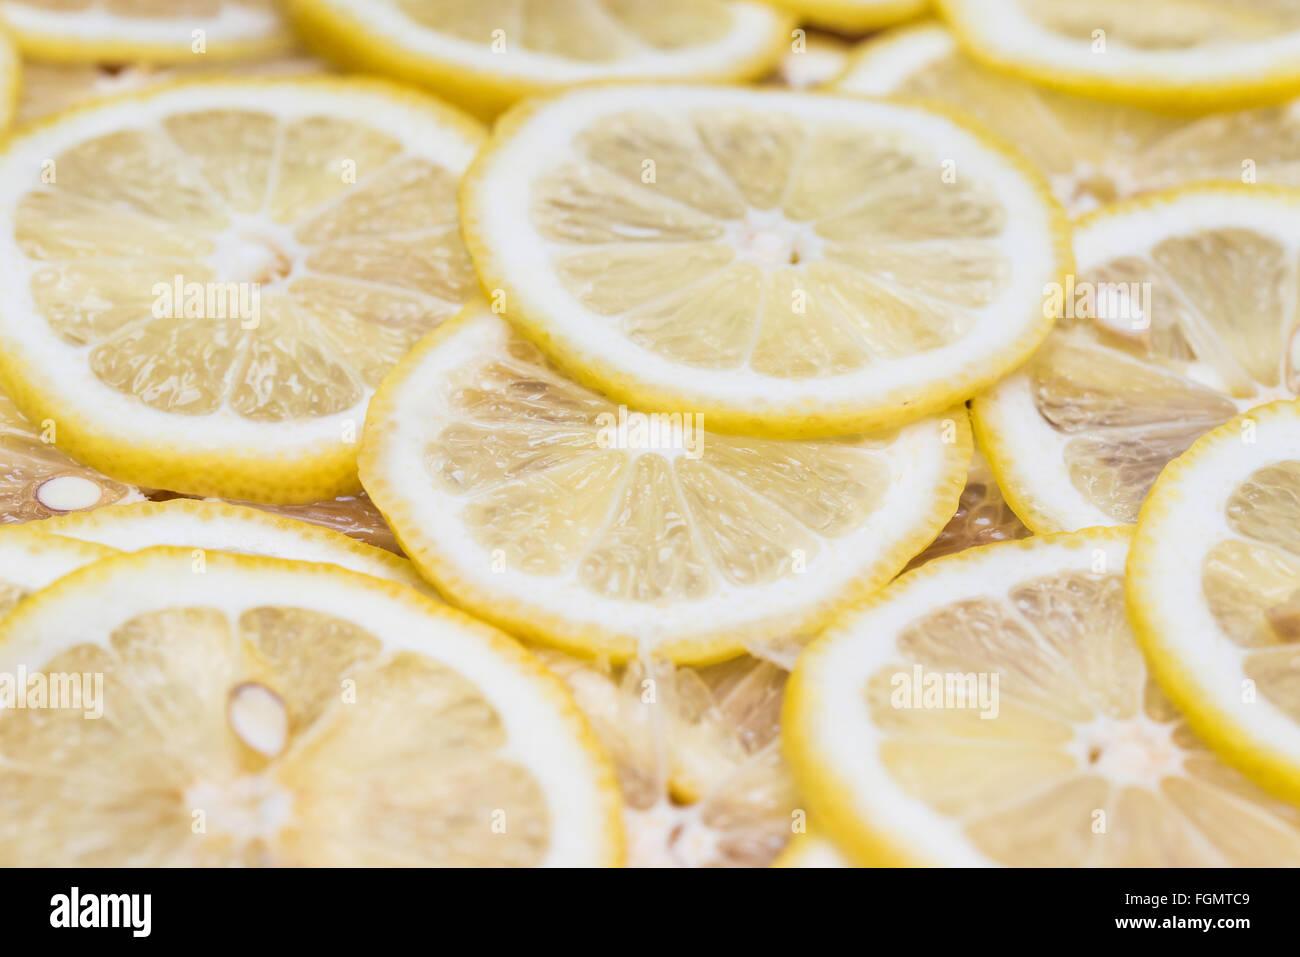 Hintergrund, die mit Zitronenscheiben Stockbild